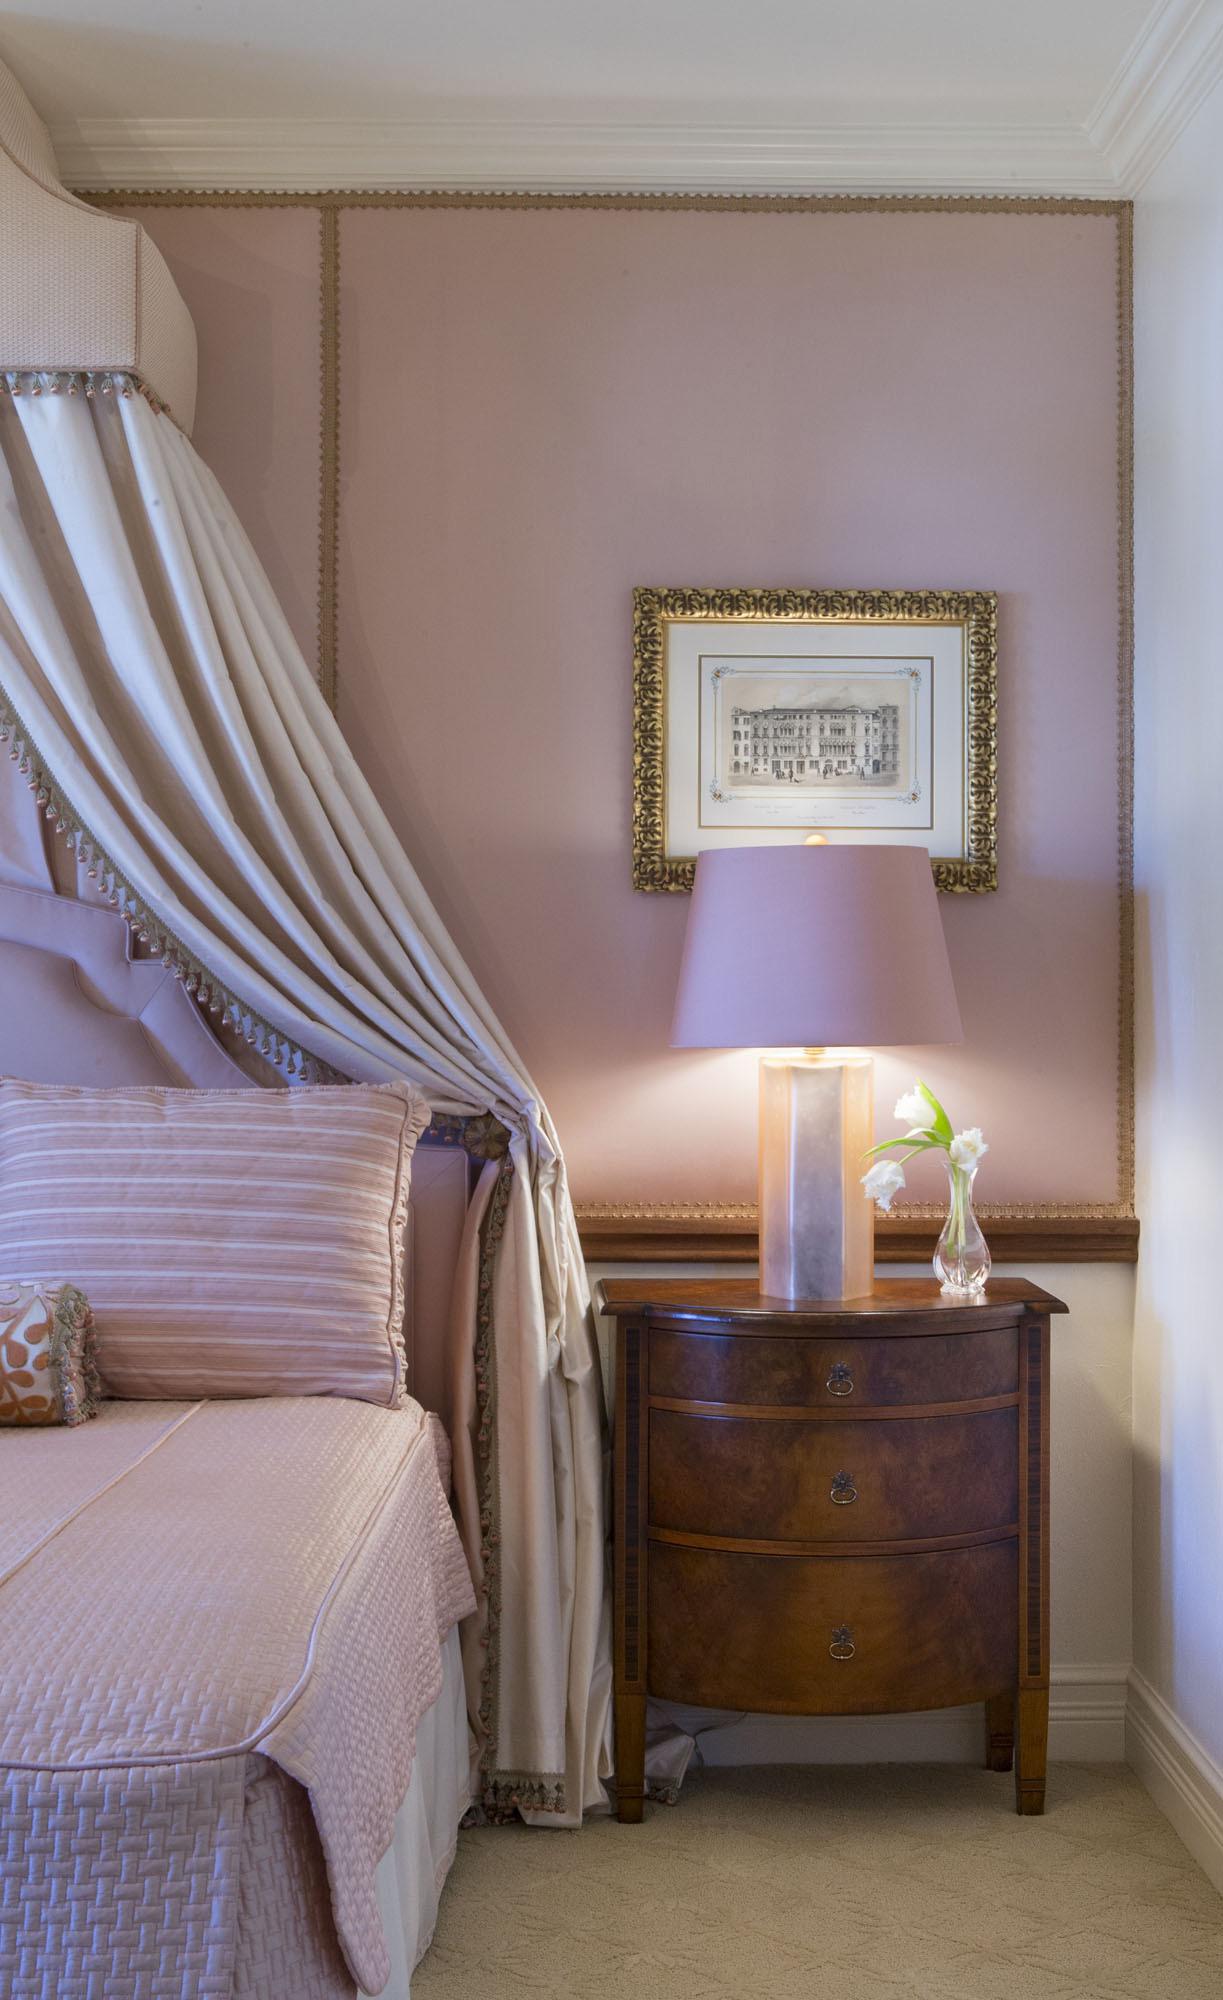 Interior Design Of Guest Room: Malibu West Interiors, Naples